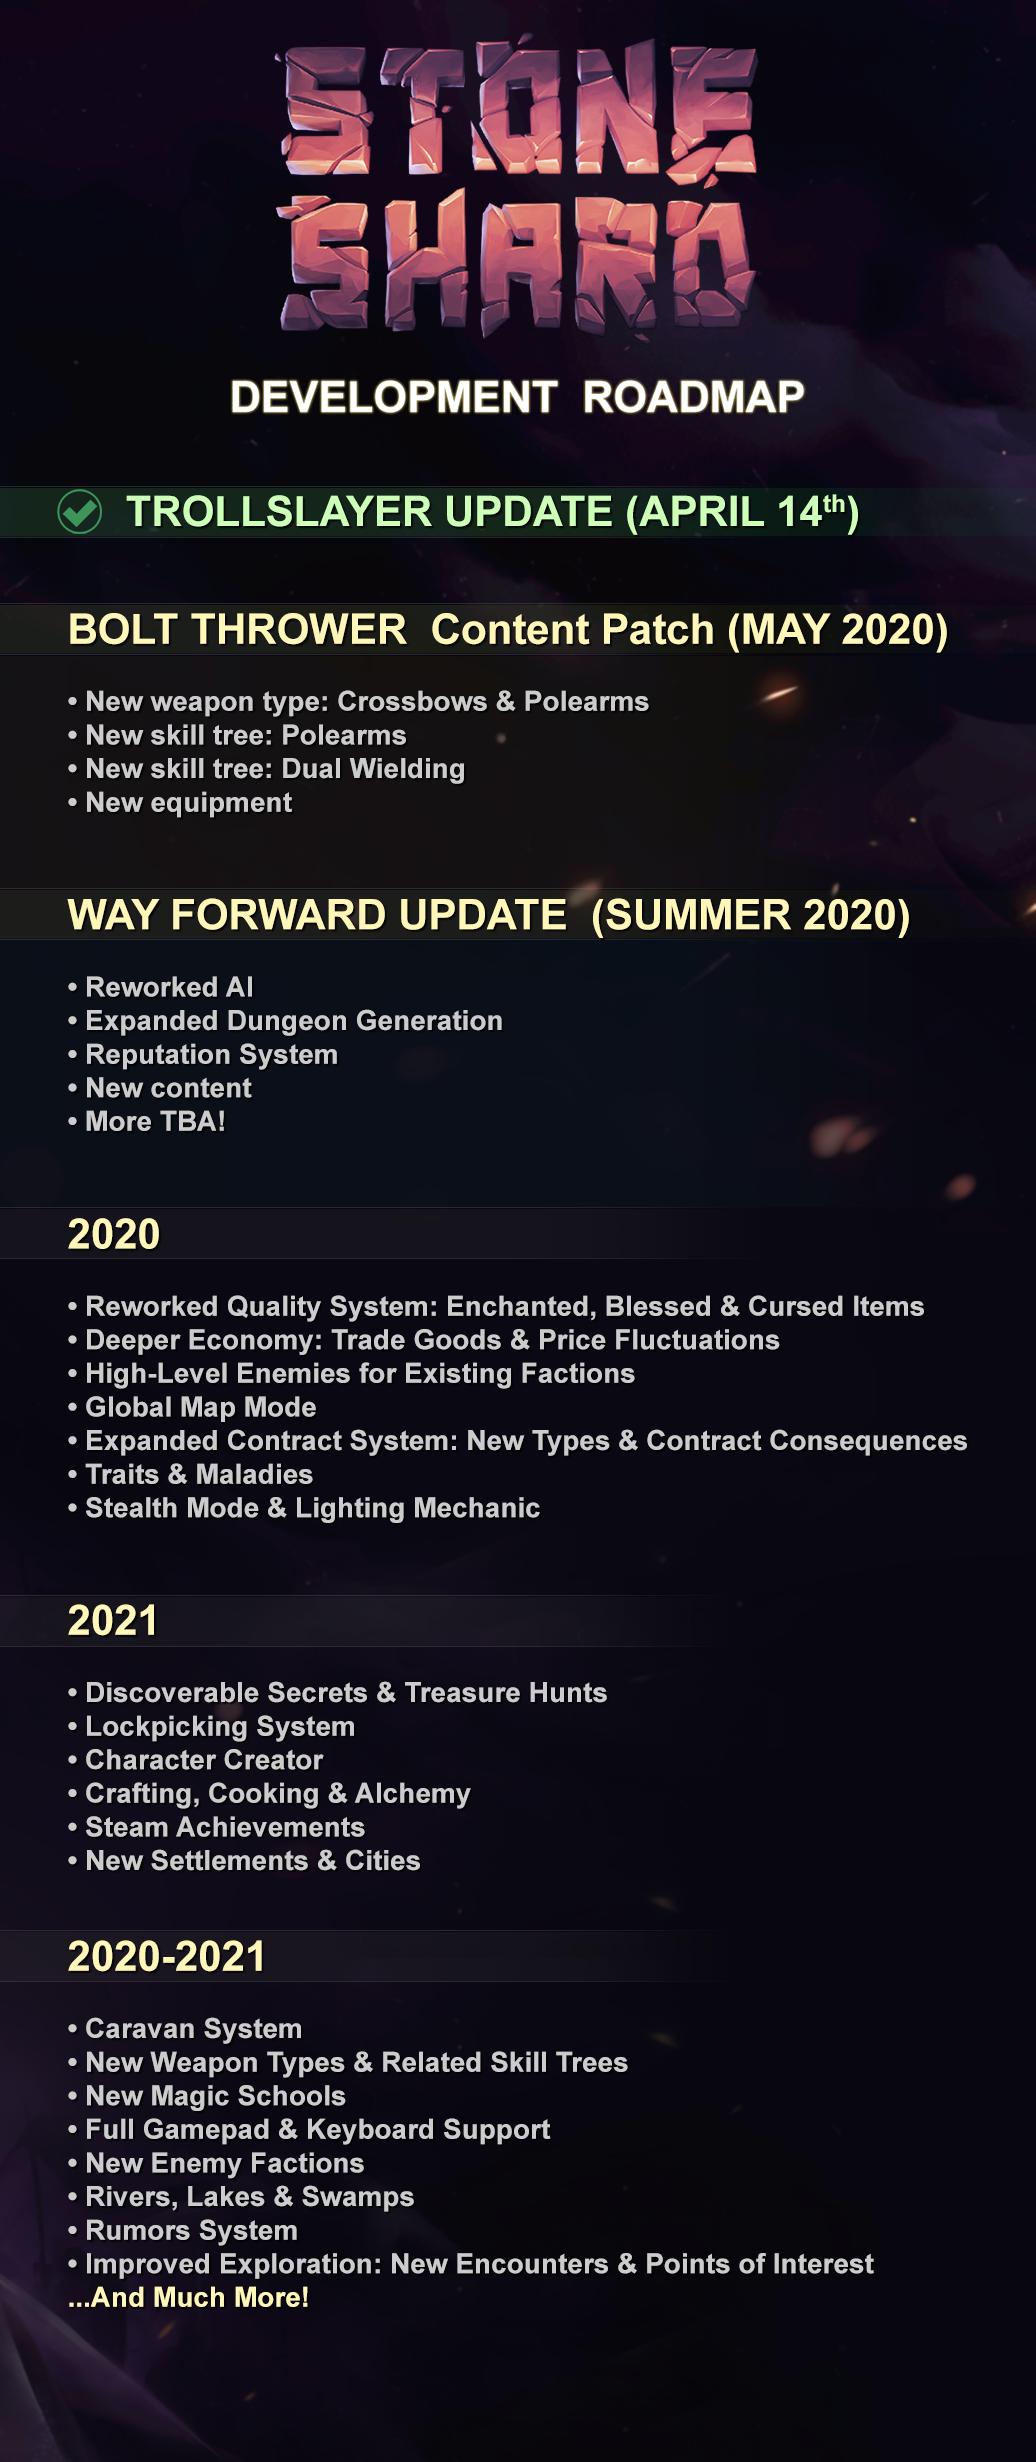 Their roadmaps